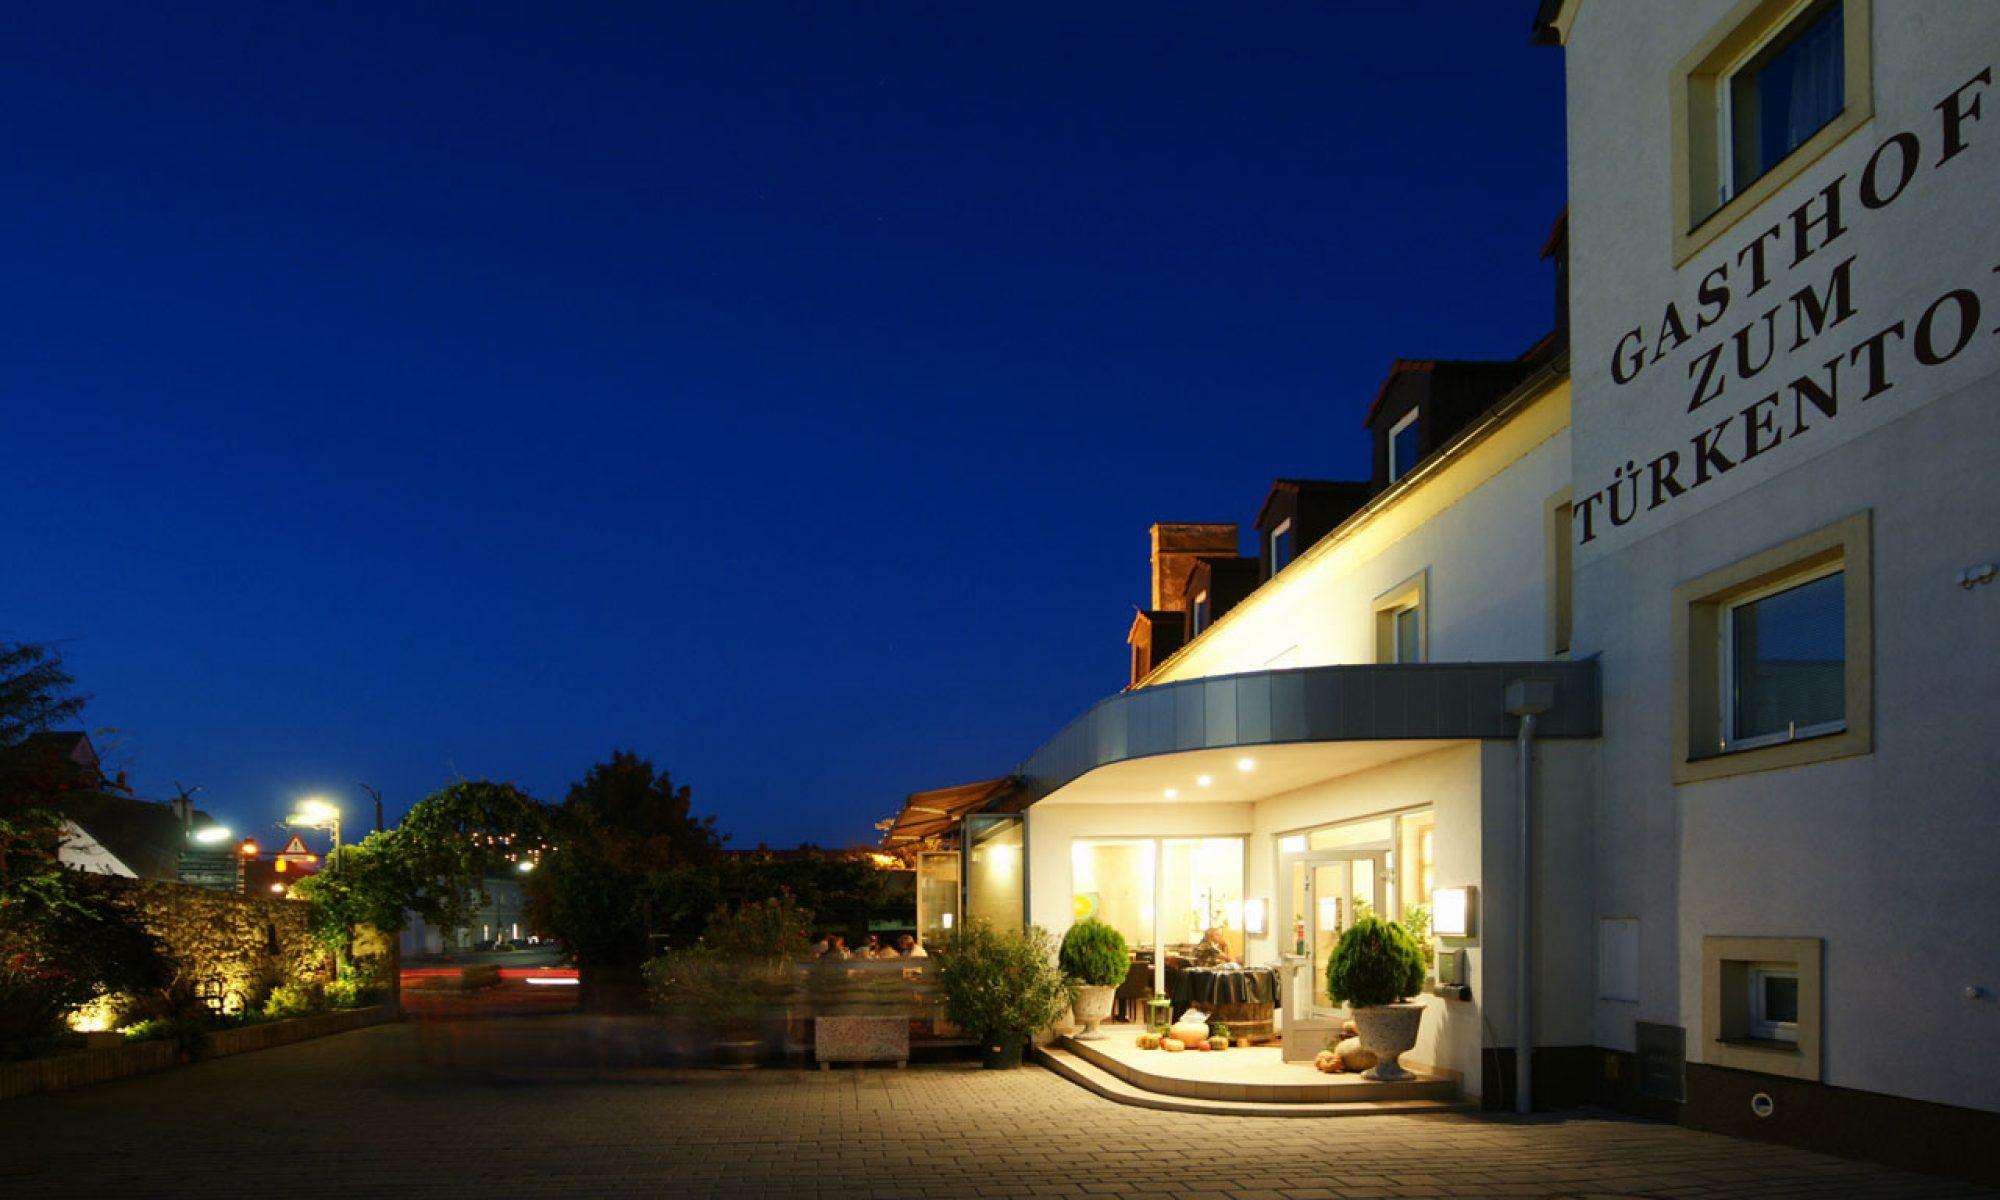 Gasthof zum Türkentor, Purbach am Neusiedlersee